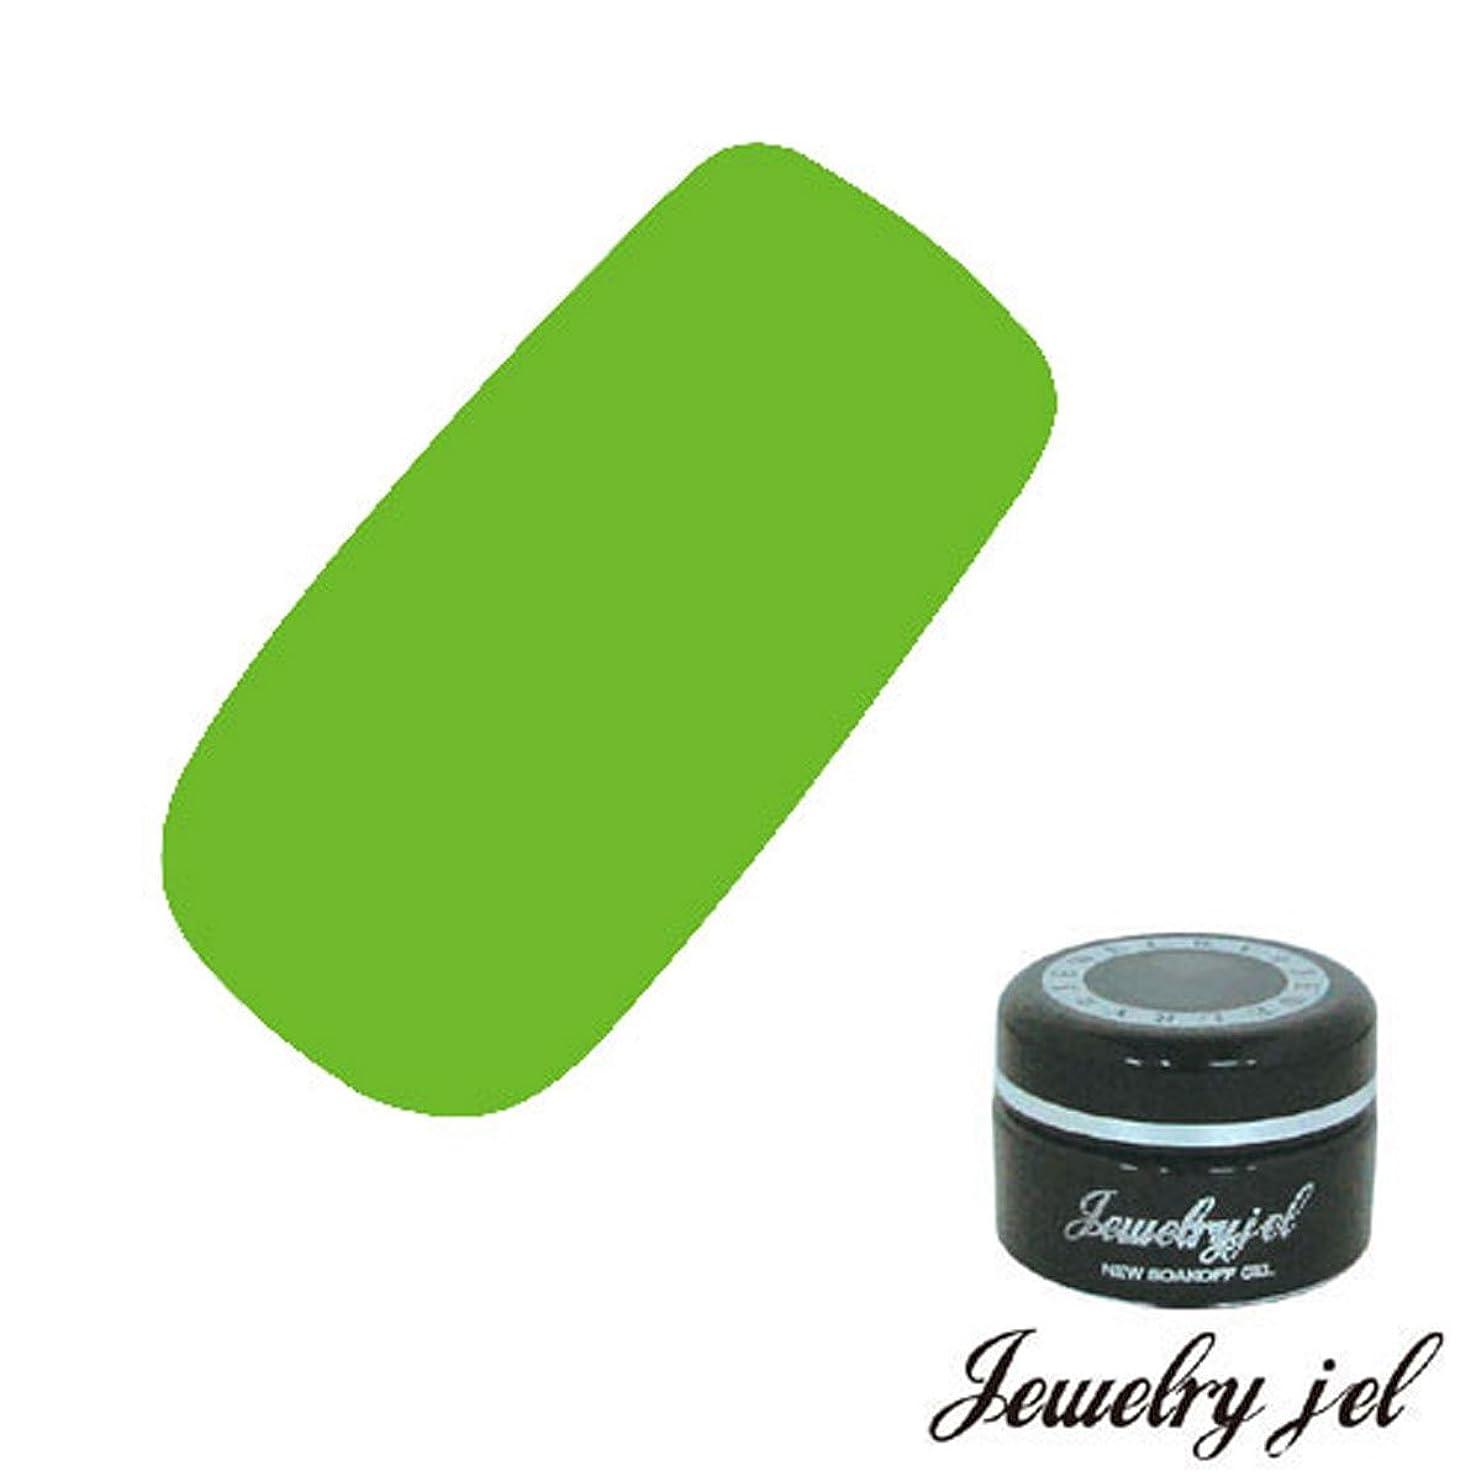 熱帯の忘れられない緑ジュエリージェル ジェルネイル カラージェル NE104 8g ネオングリーン マット UV/LED対応  ソークオフジェル ジュエリージェル ジェルネイル ネオンカラー ネオングリーン